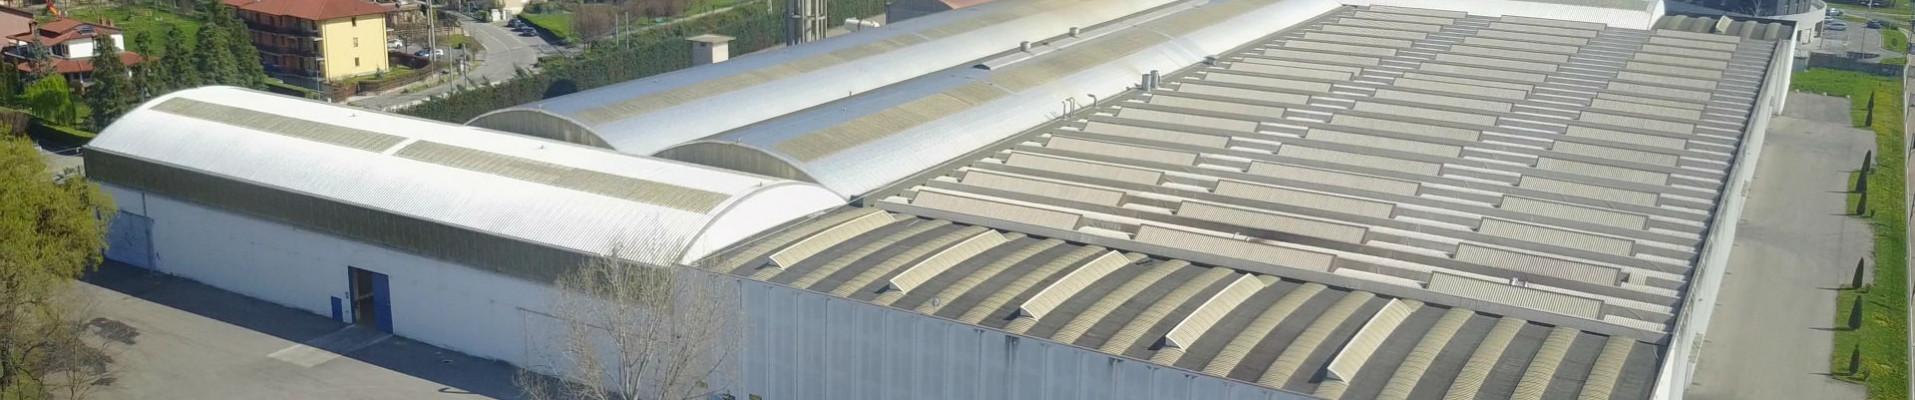 Foto aerea dello stabilimento di Acciaitubi